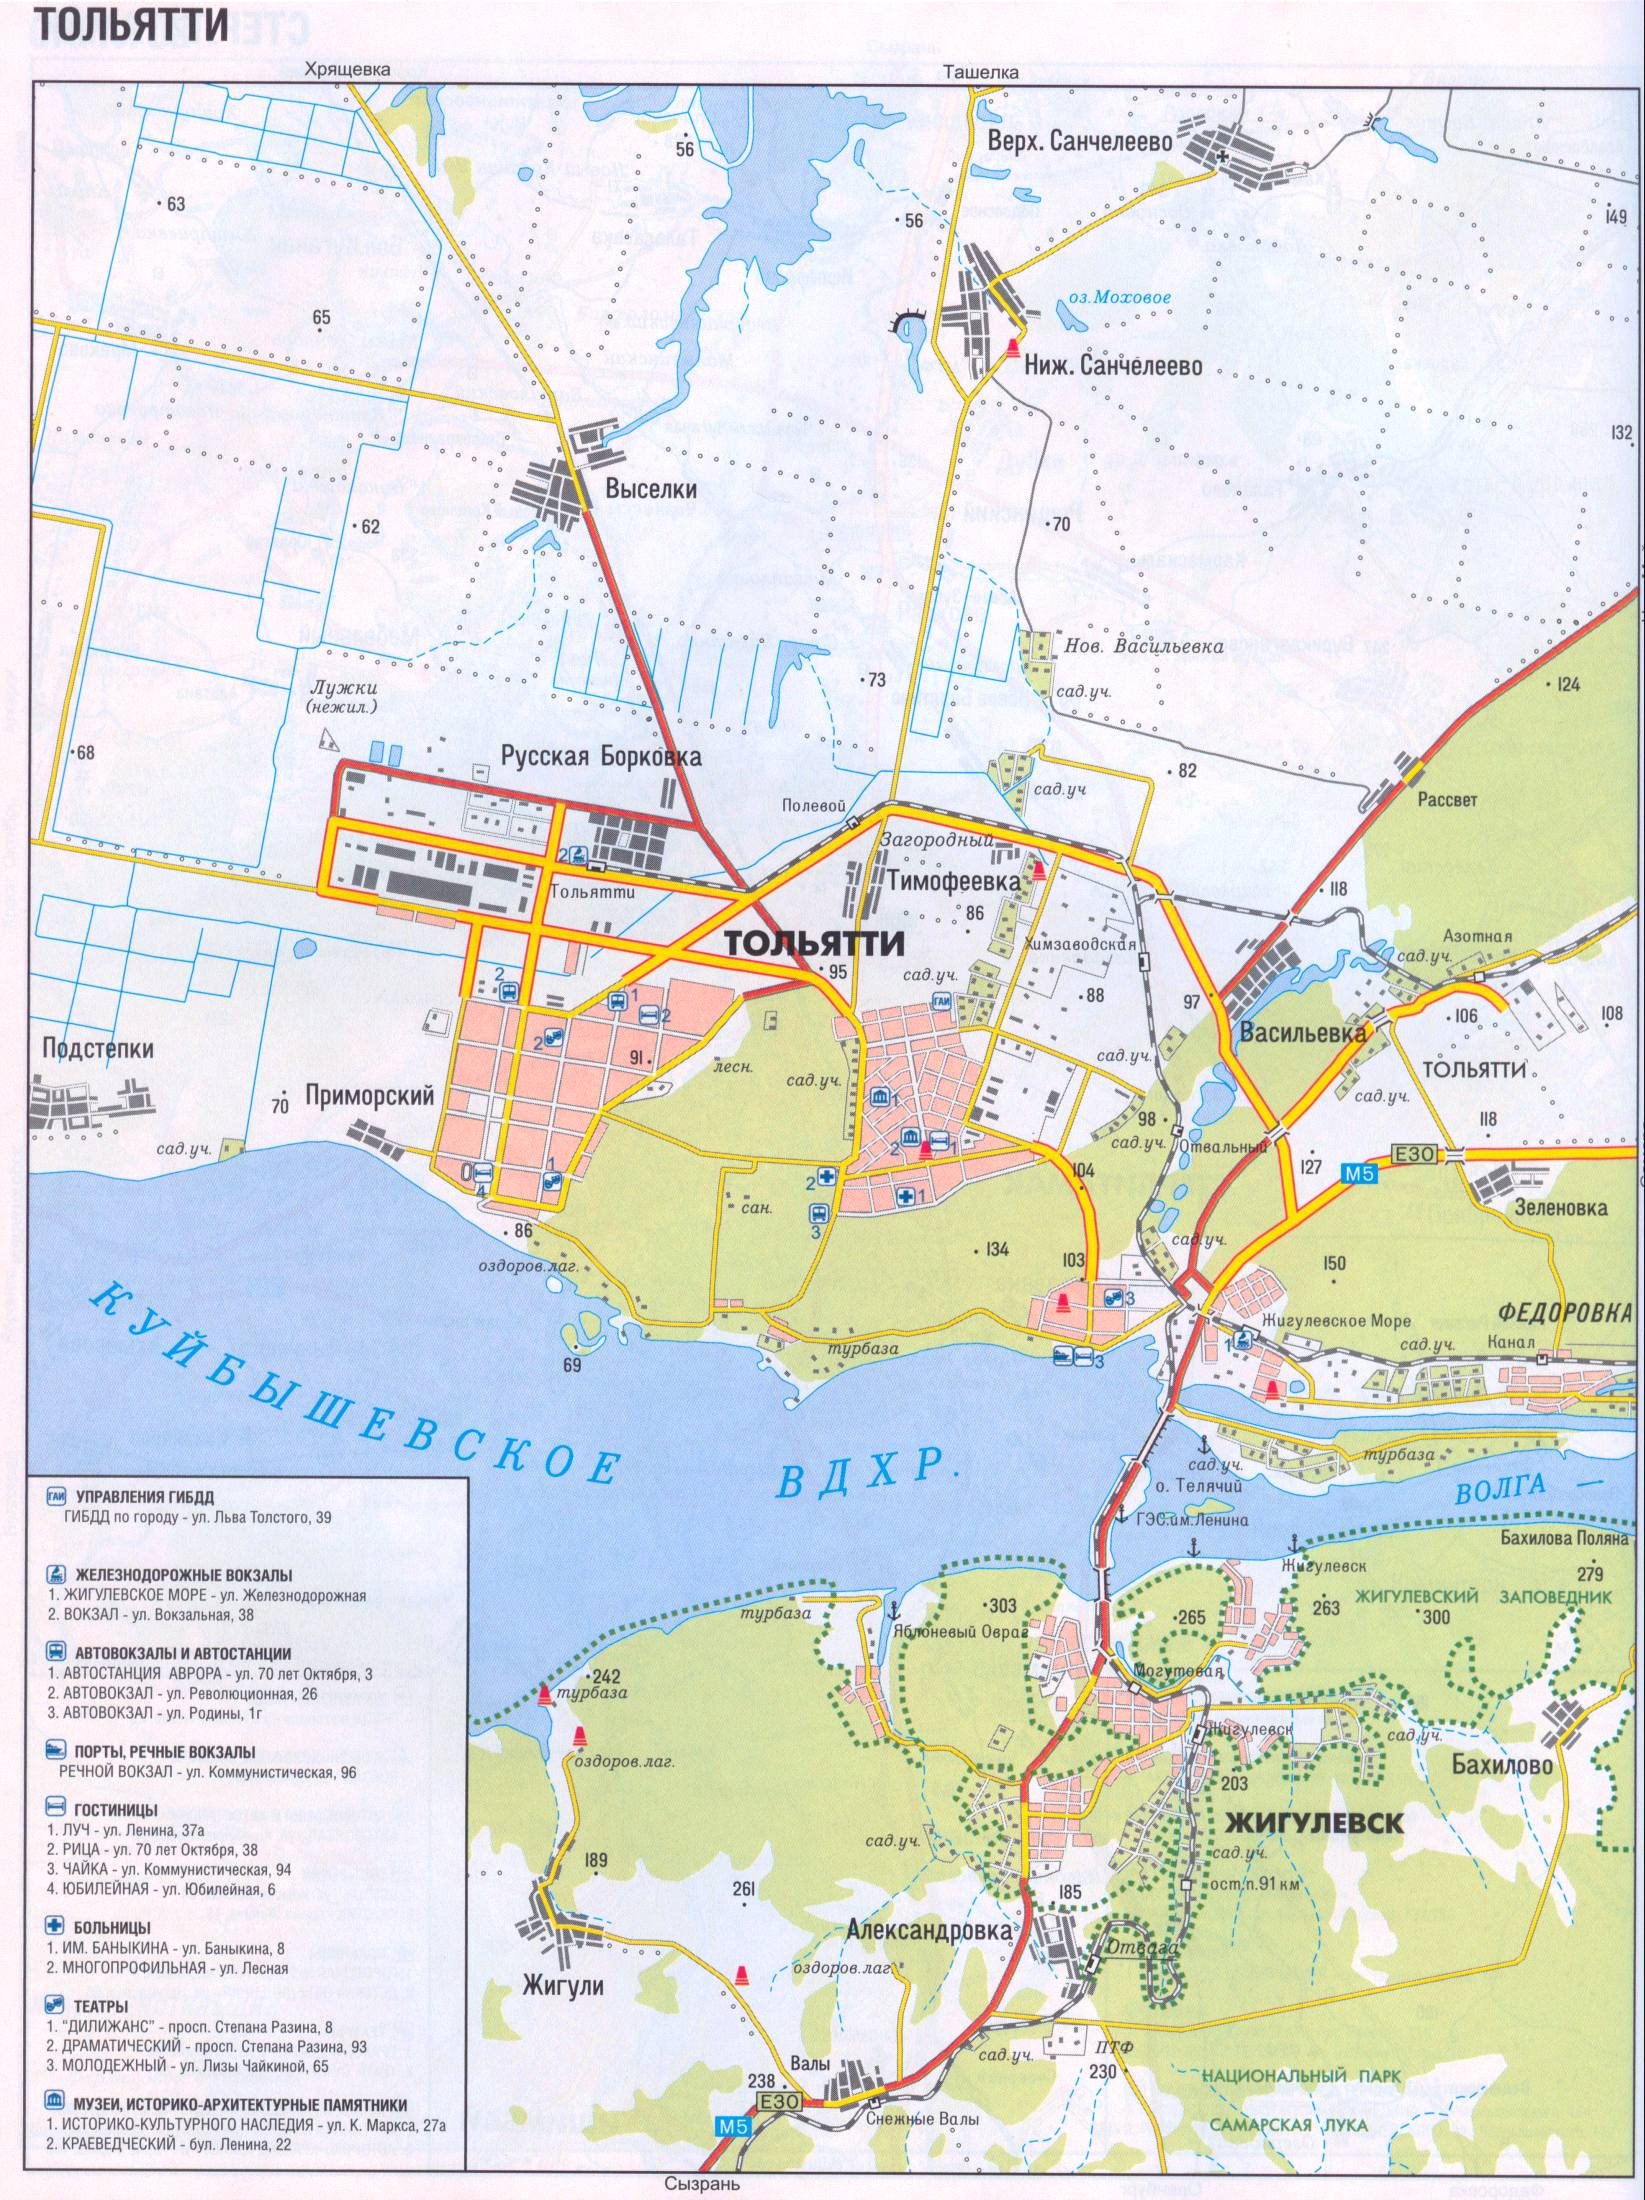 Карта схема города Тольятти с окрестностями.